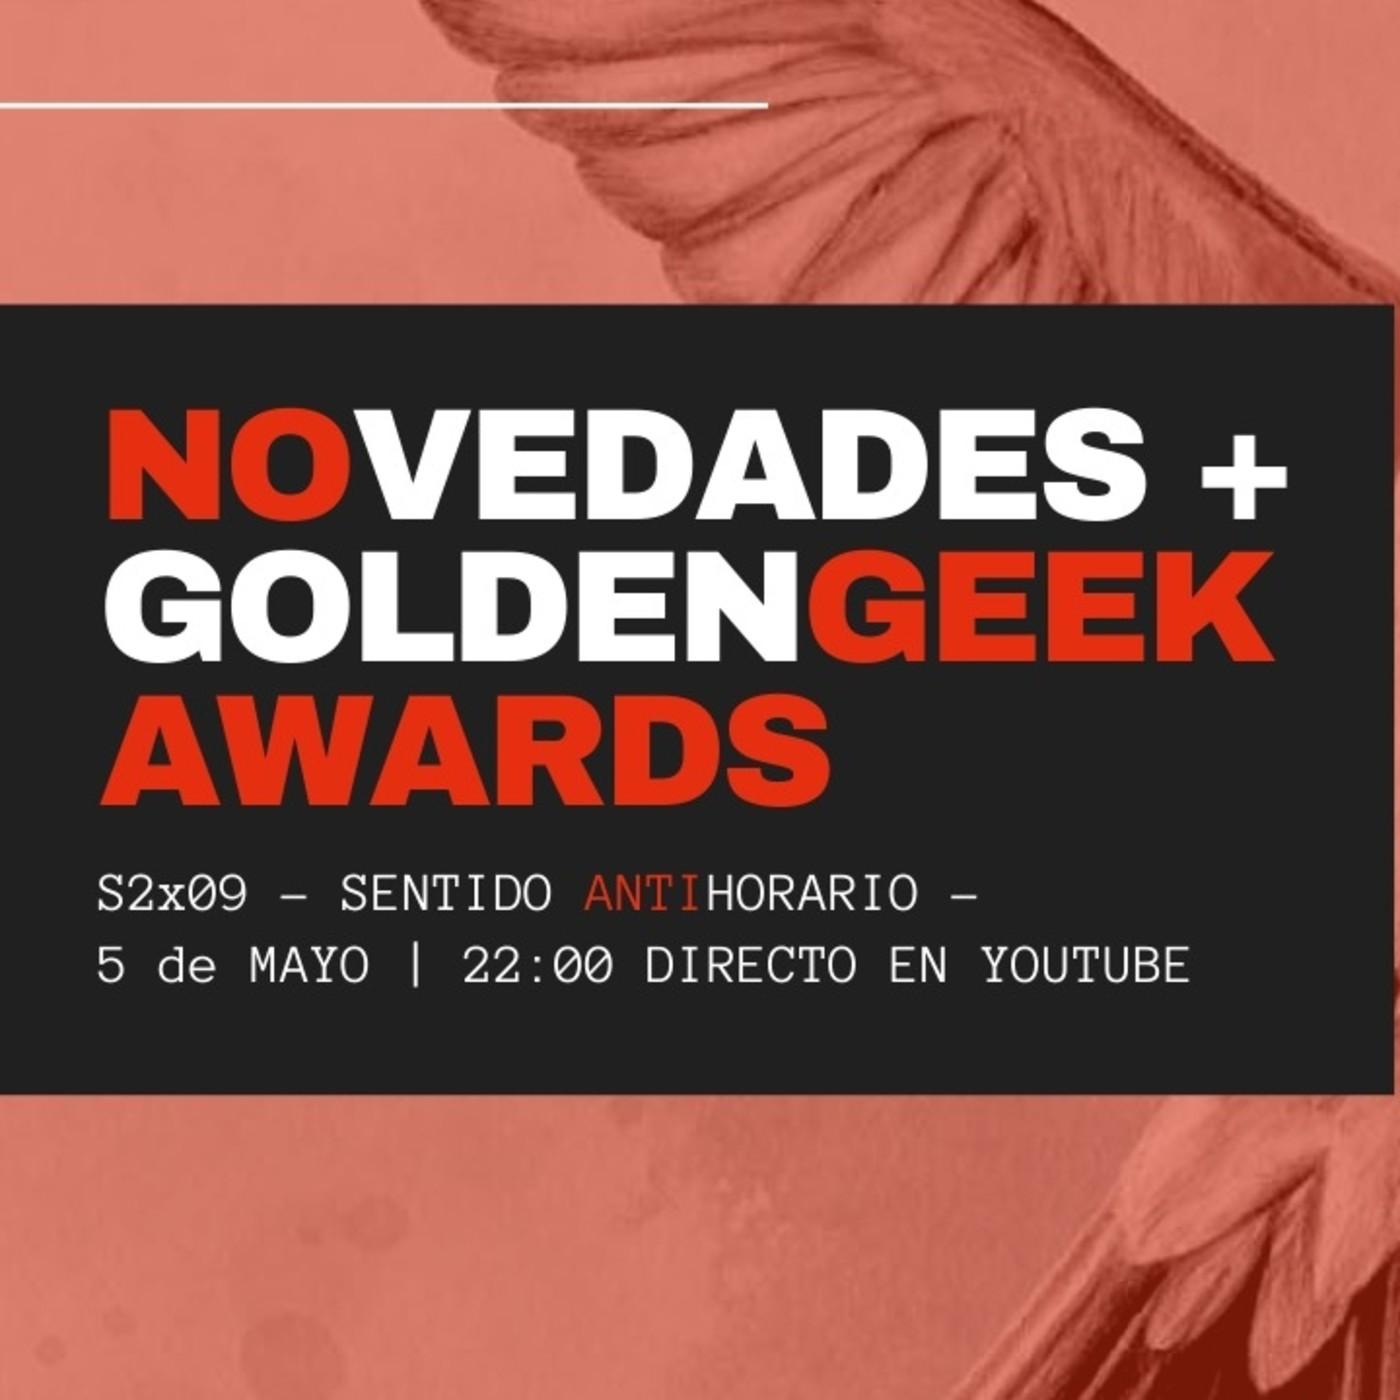 Sentido Antihorario - 2x10:Novedades + Golden Geek Awards